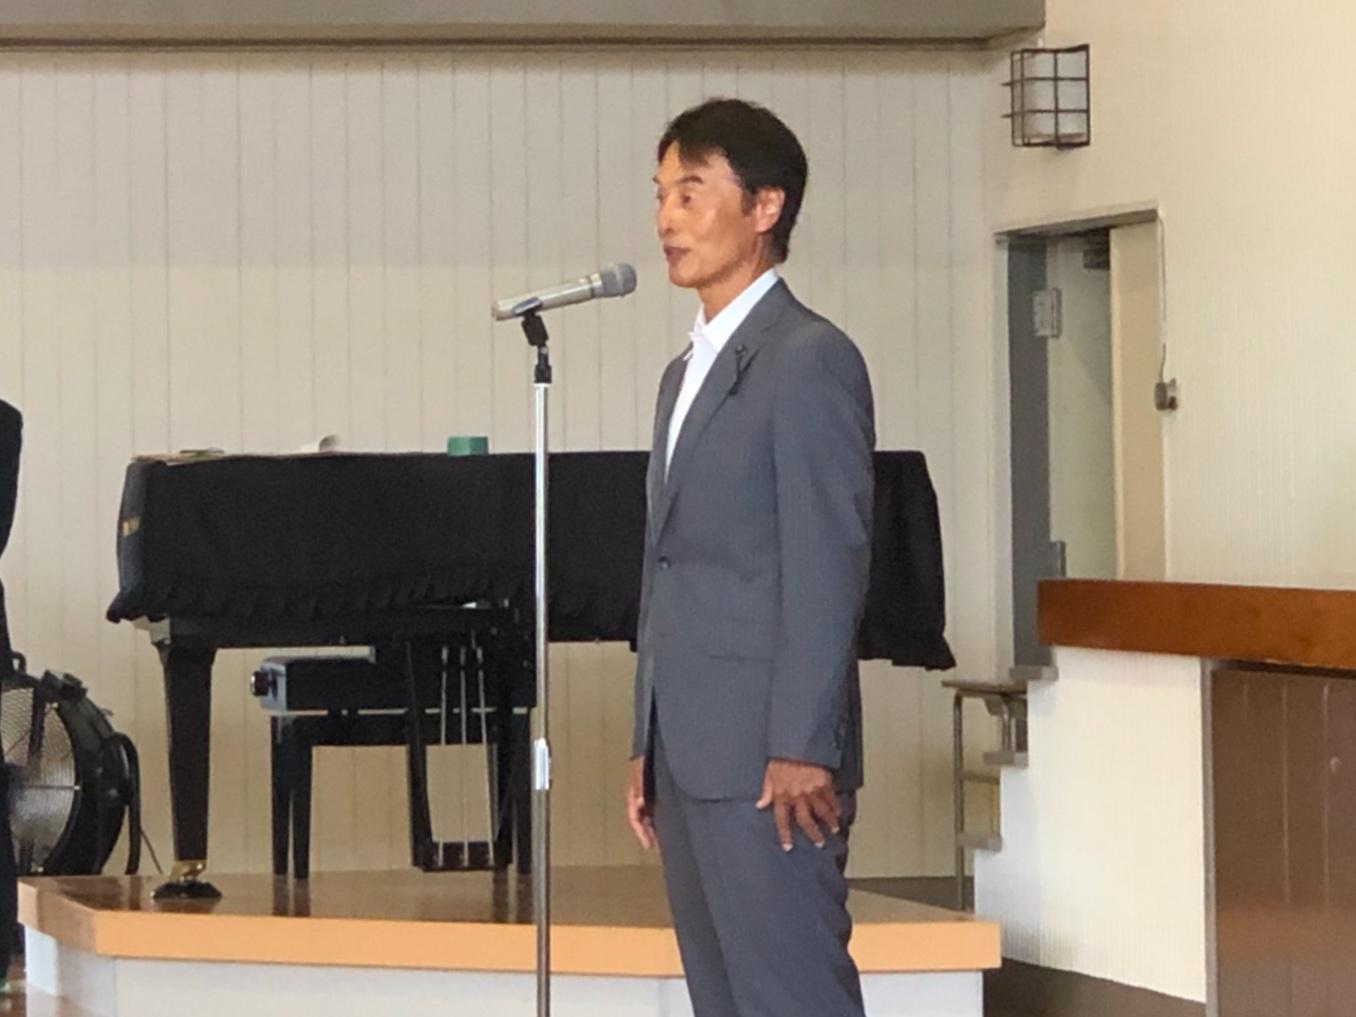 参加された皆様は 戦後の激動の時代を生き抜き 現代の平和な日本のために尽力をされてこられた方々です  今日の平和な日本で健やかに不自由なく生活を営むことができるのも 皆様のおかげと感謝申し上げます   元気なお姿を拝察いたし 私も嬉しく思います